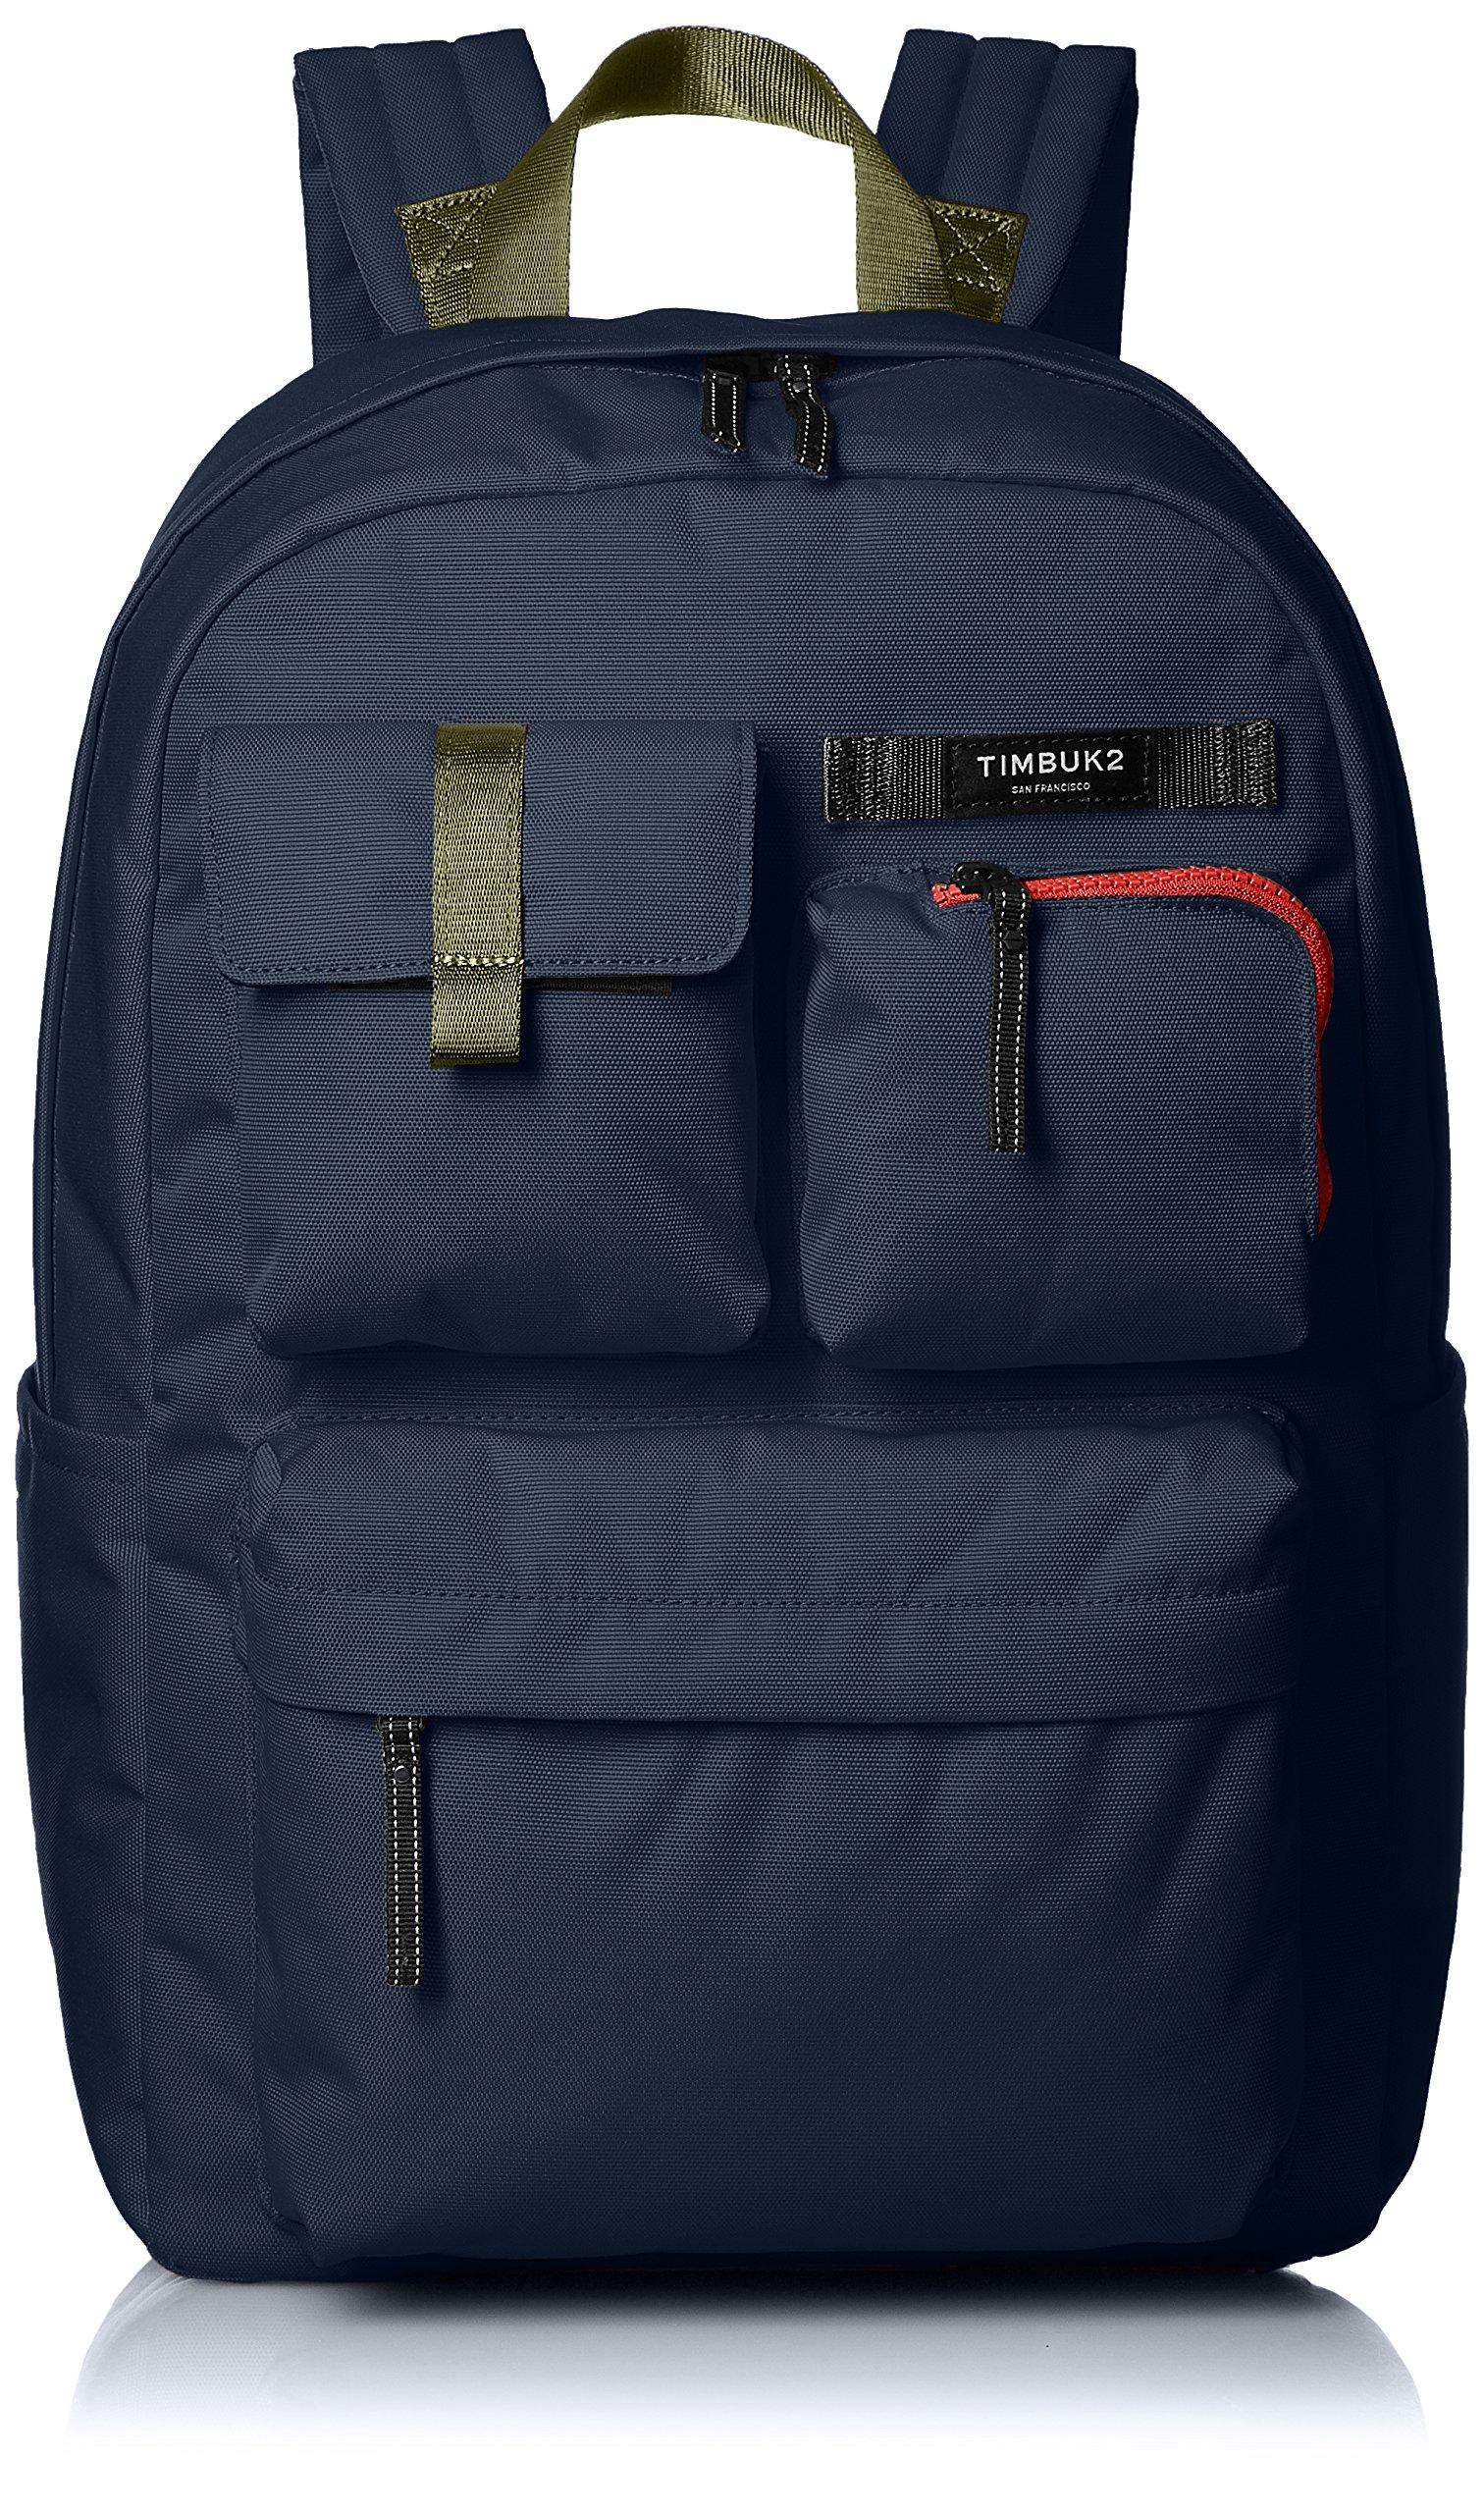 Timbuk2 Ramble Pack, Nautical/Bixi, One Size by Timbuk2